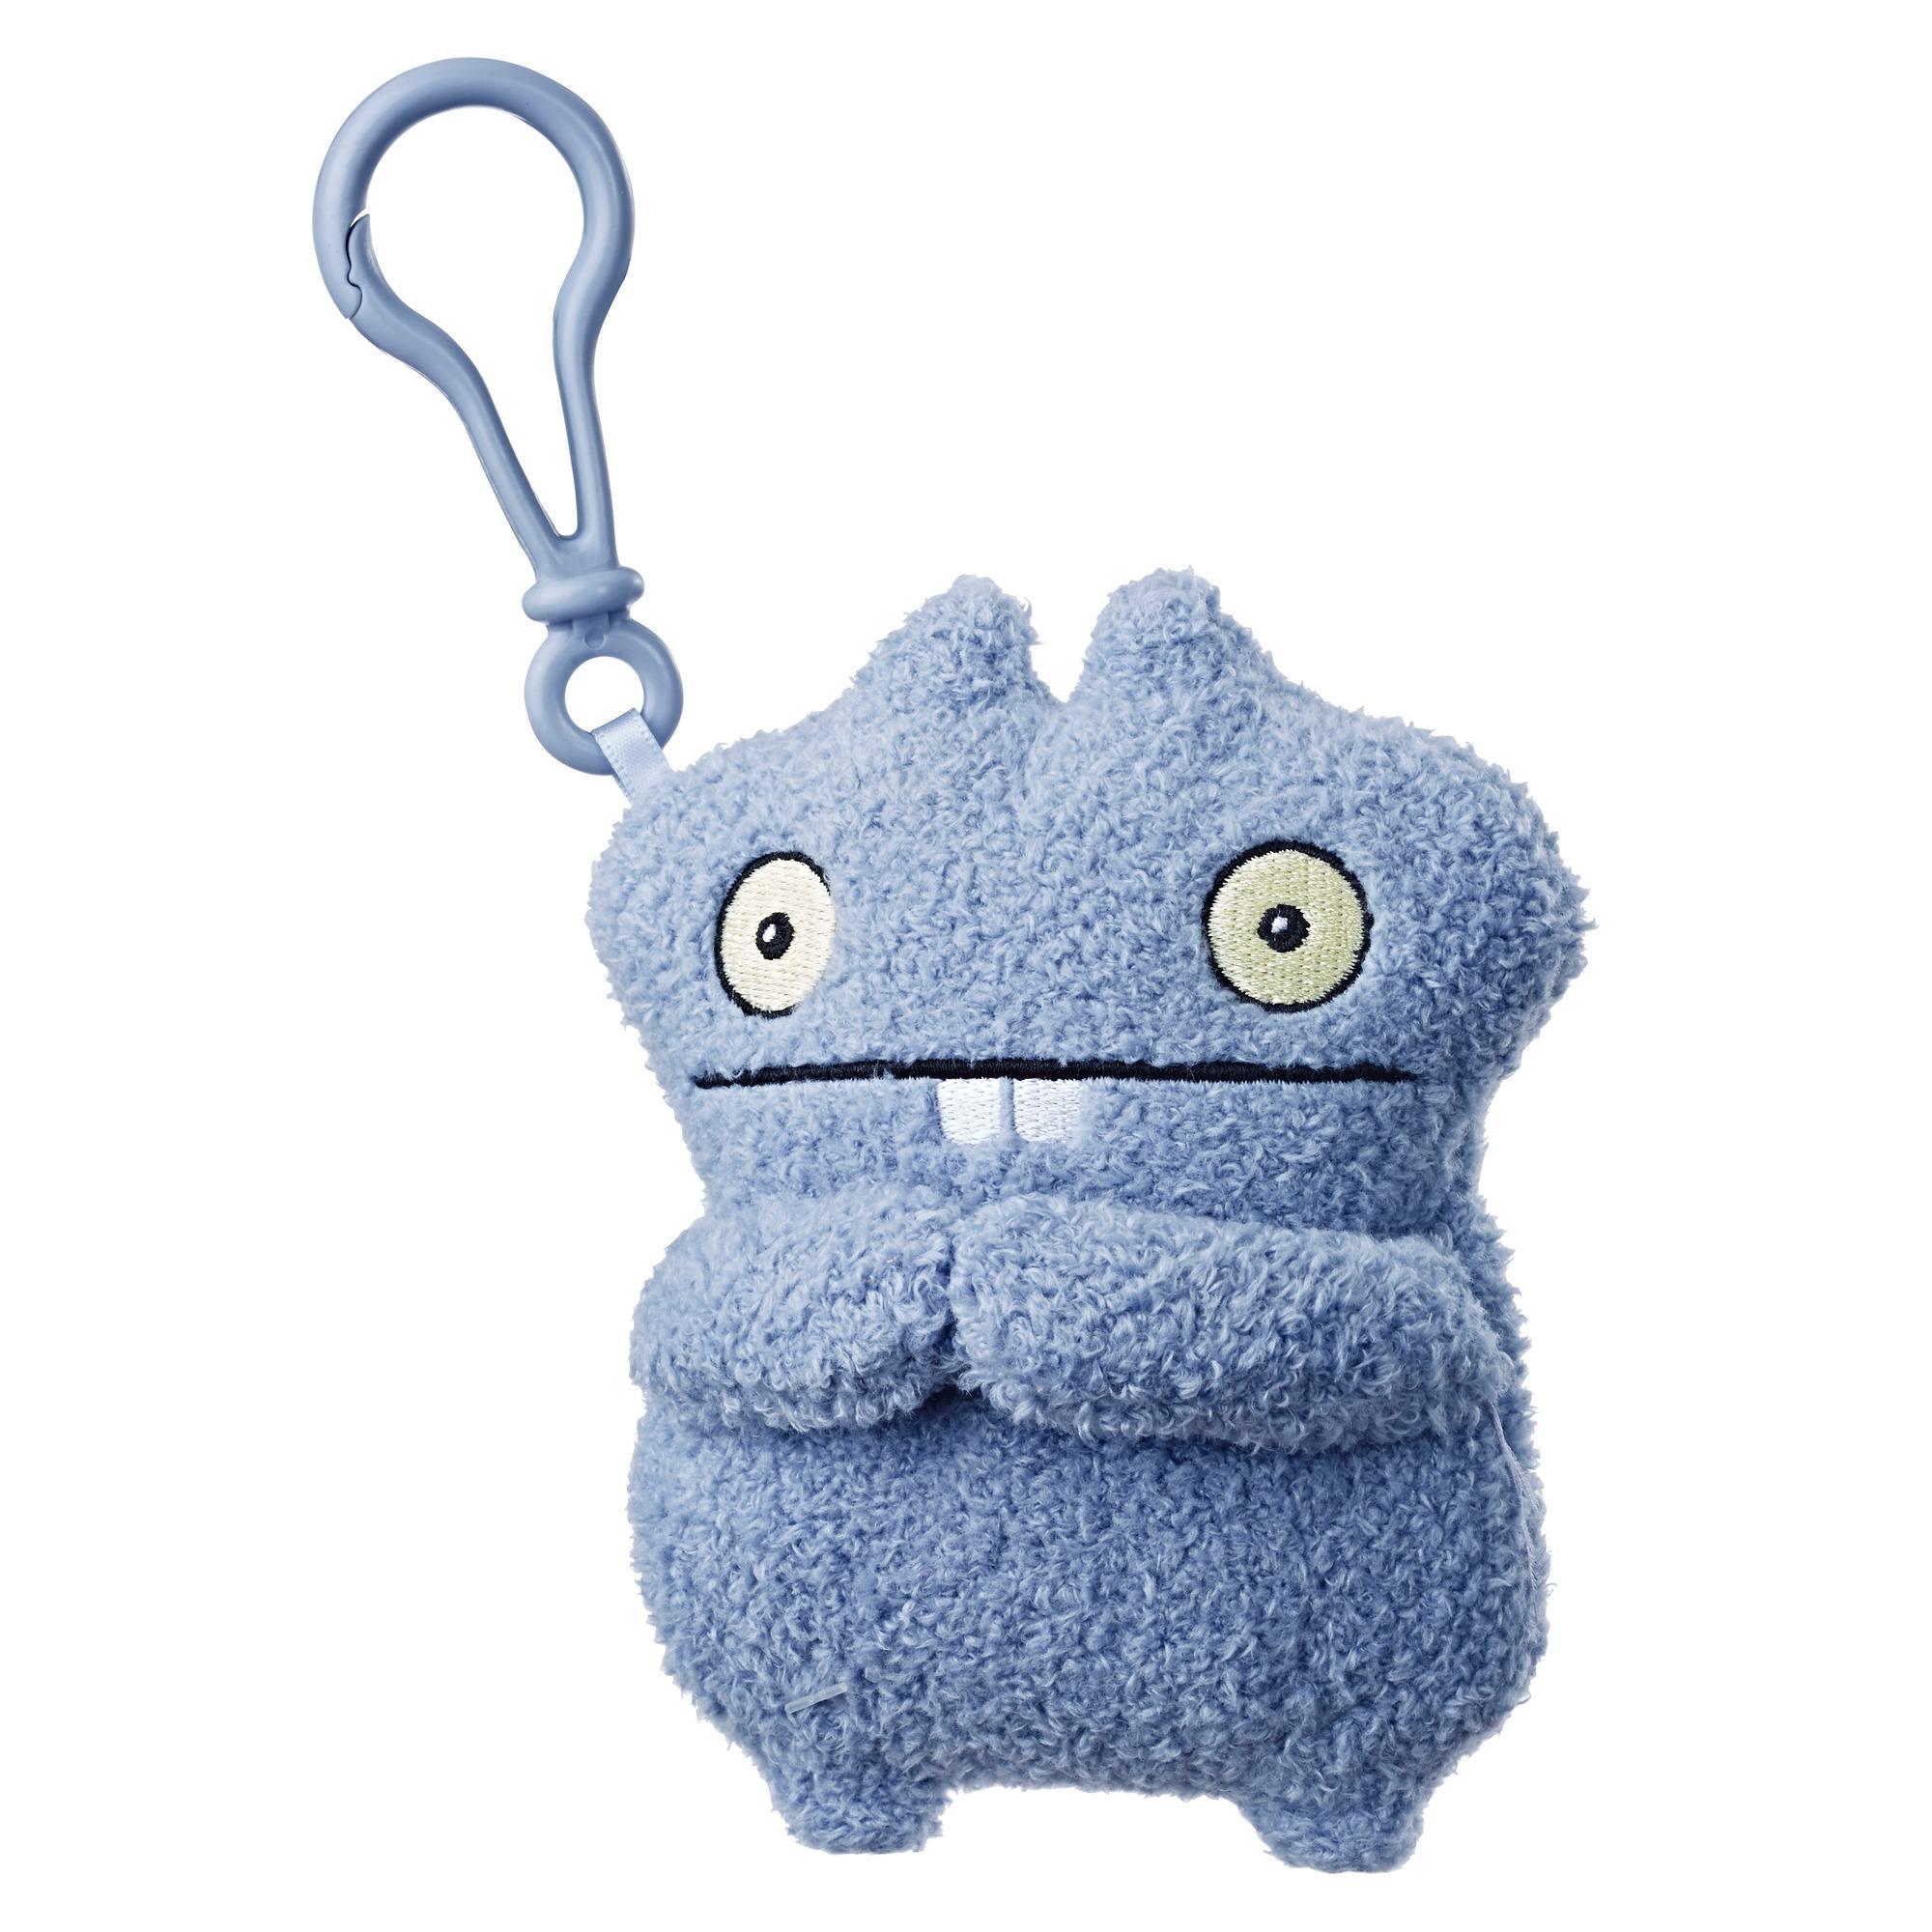 UglyDolls Babo To-Go Stuffed Plush Toy, 12,5 cm. tall